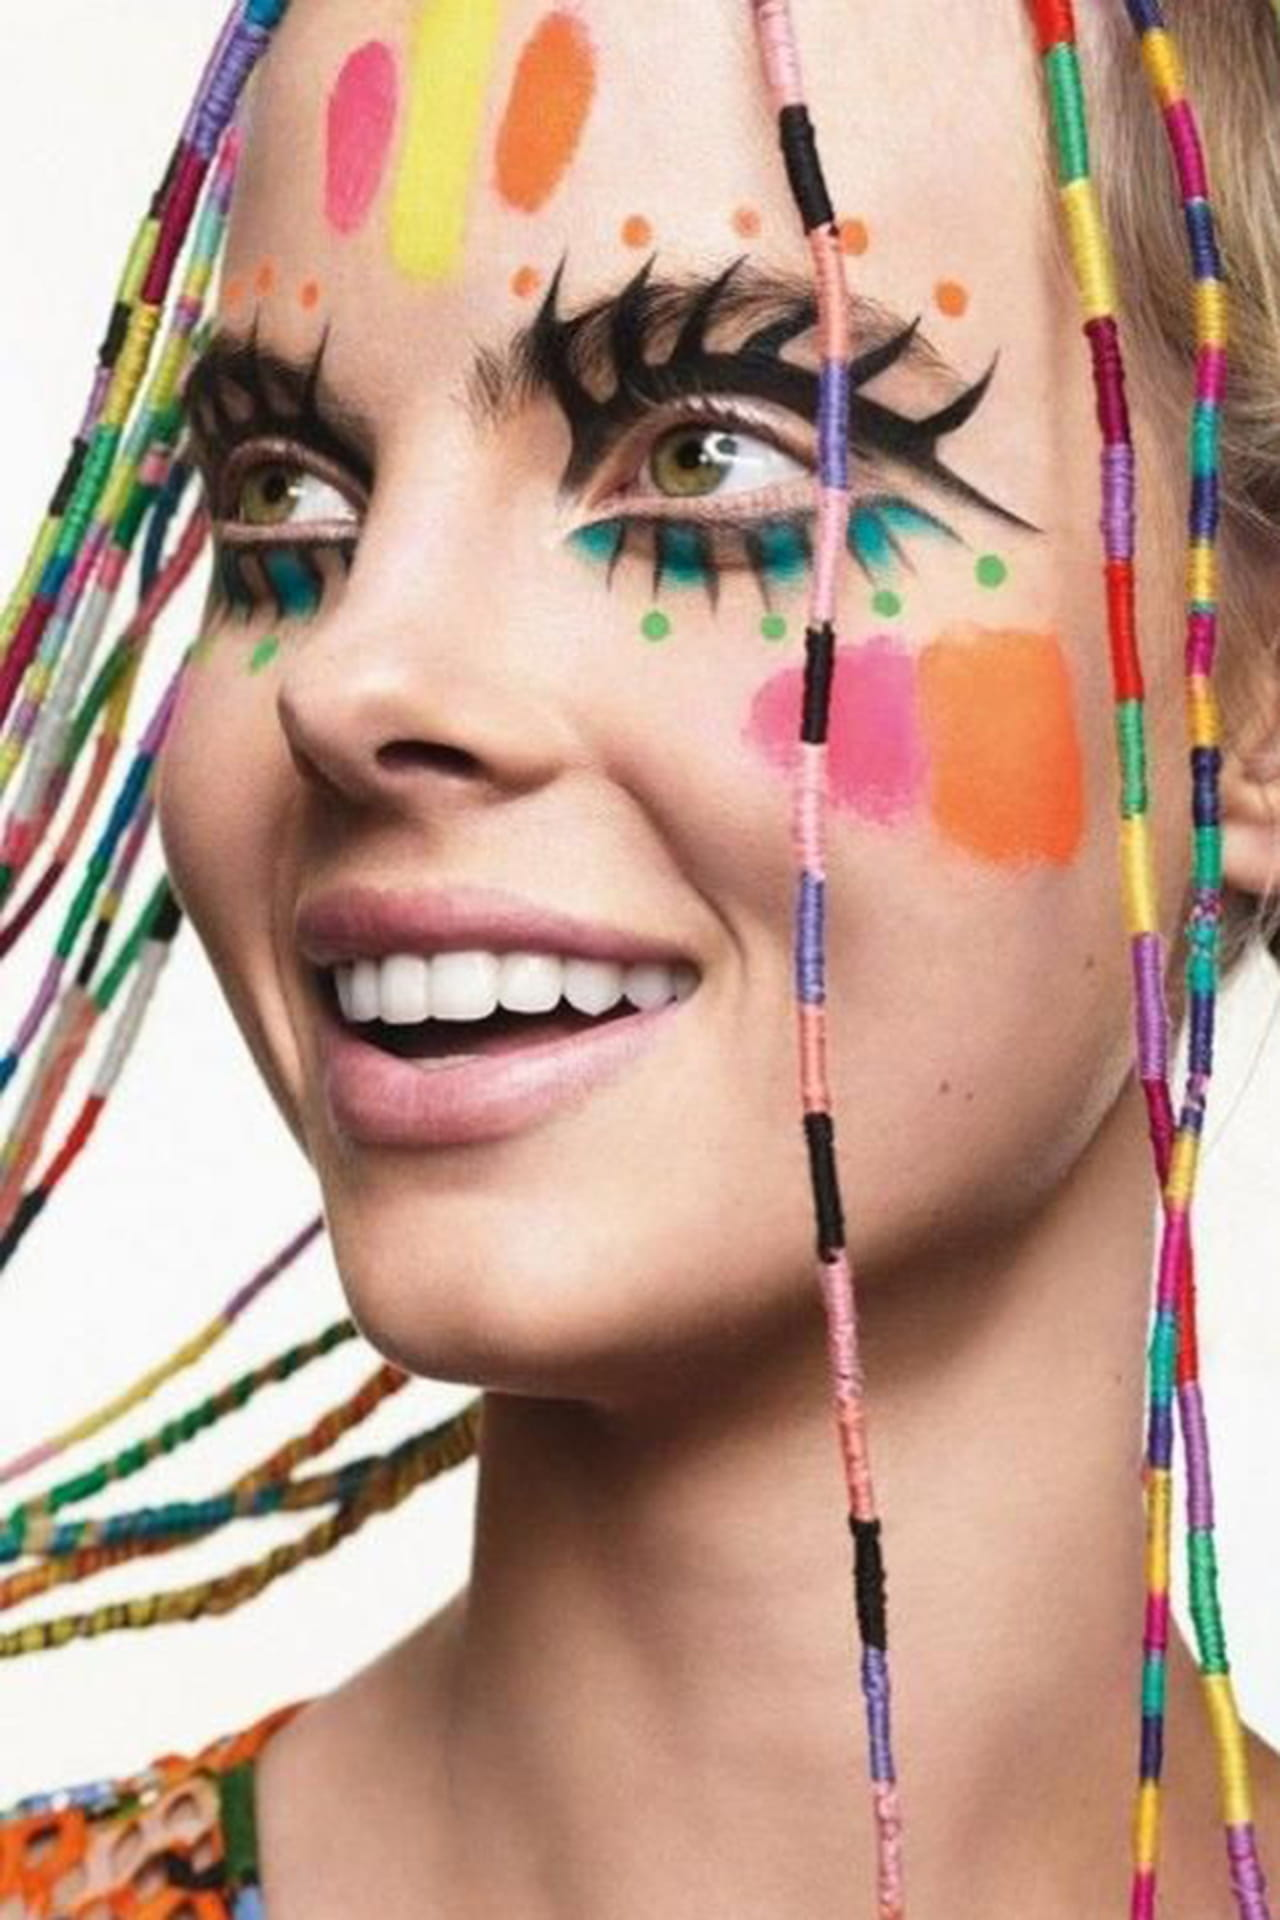 Onde Comprar Adesivos De Parede Infantil Barato ~ Maquiagem para carnaval sugestões de make para cair na folia